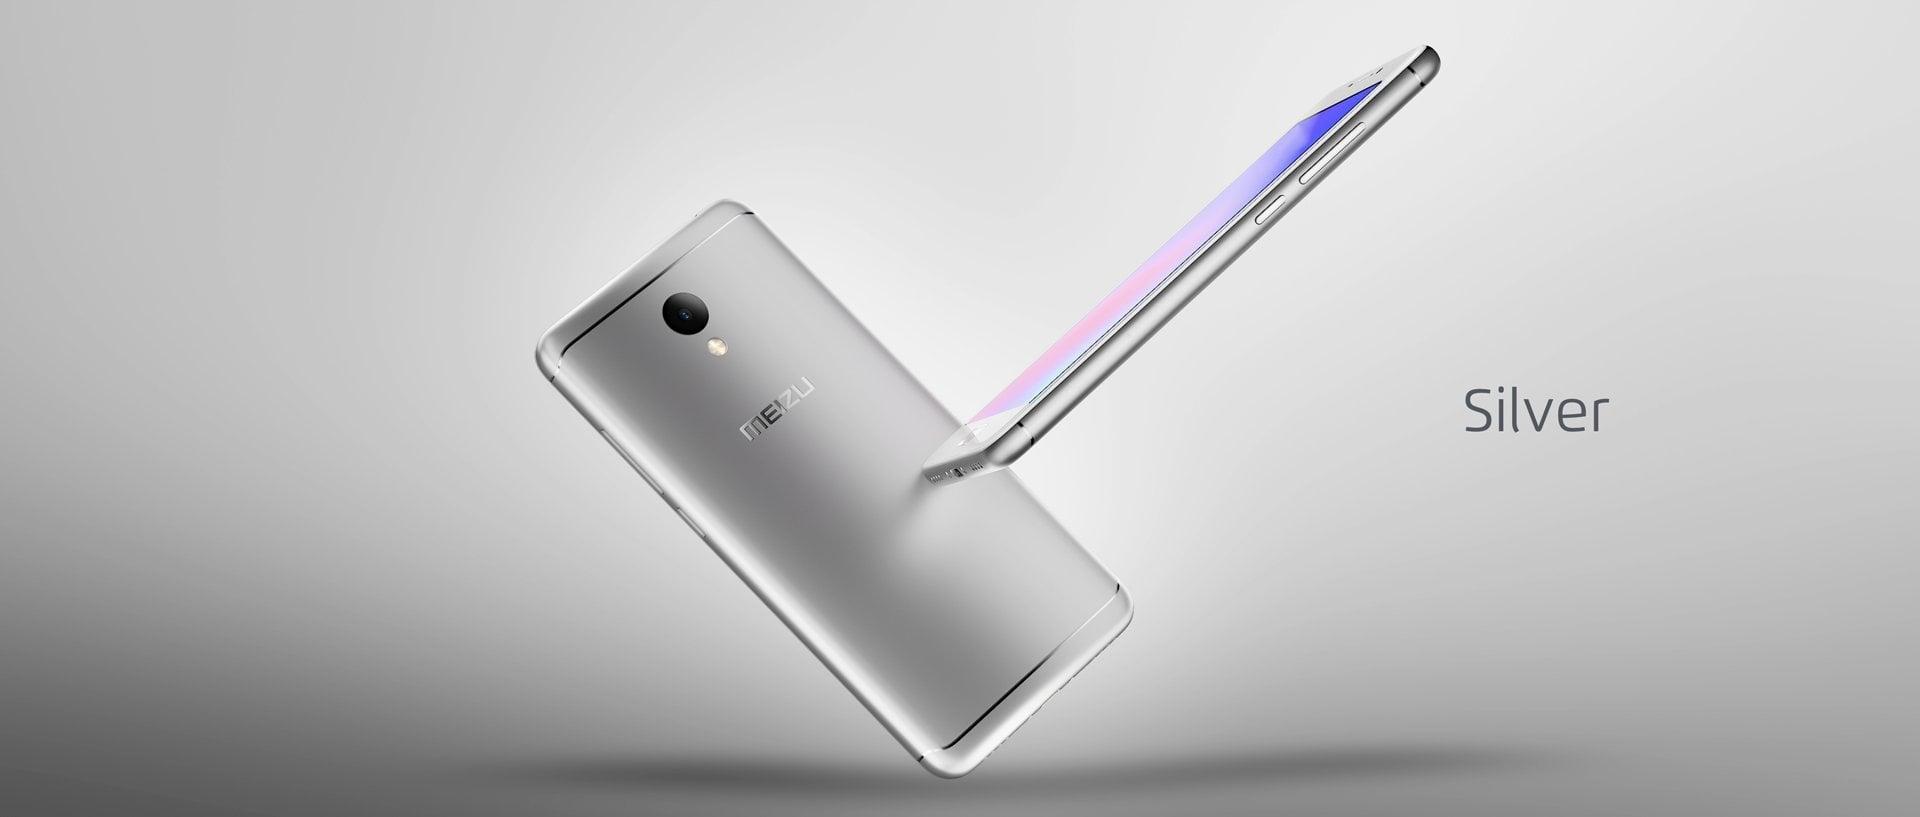 Meizu M6S a.k.a. mblu S6 zadebiutuje 17 stycznia i będzie miał nowy procesor Samsunga, Exynos 7872 26